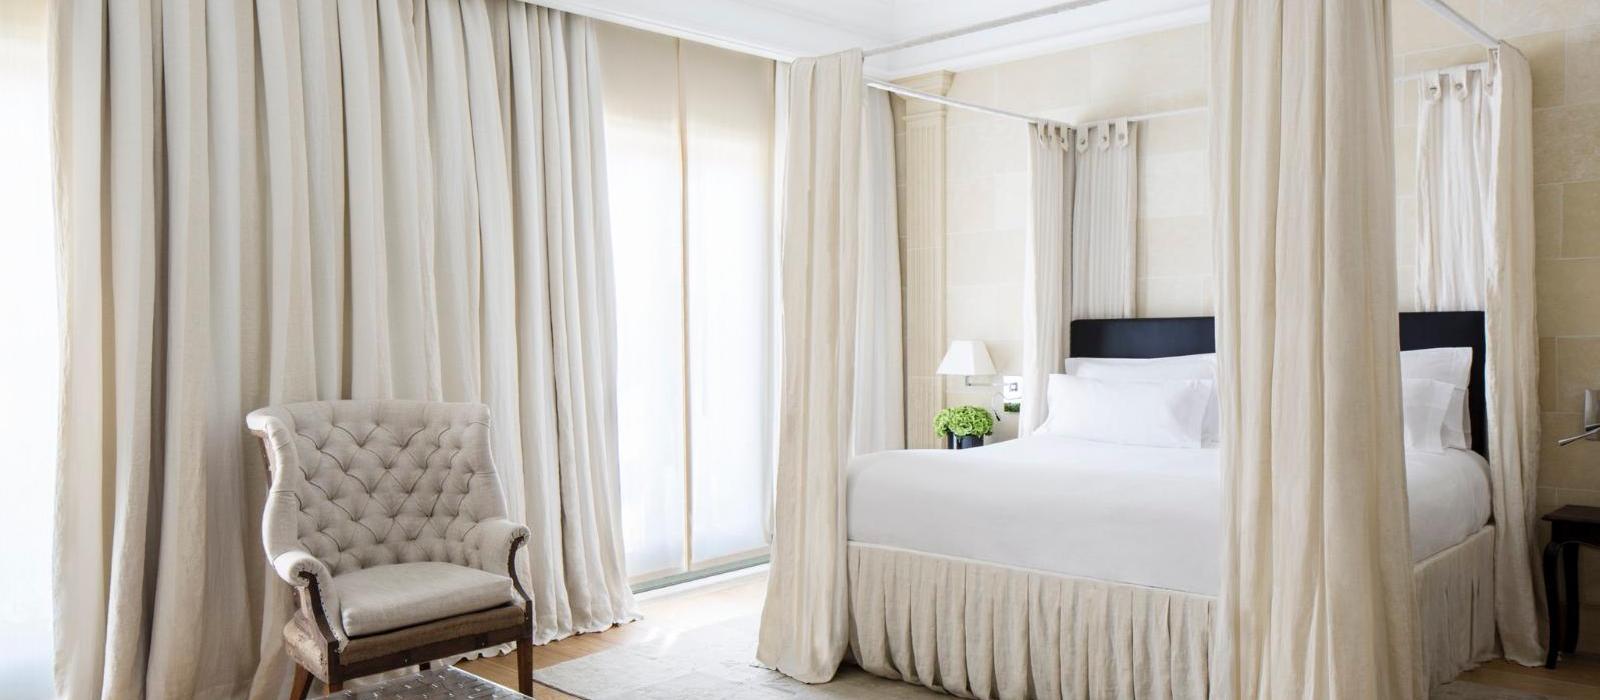 美琪大酒店(Majestic Hotel and Spa) 图片  www.lhw.cn